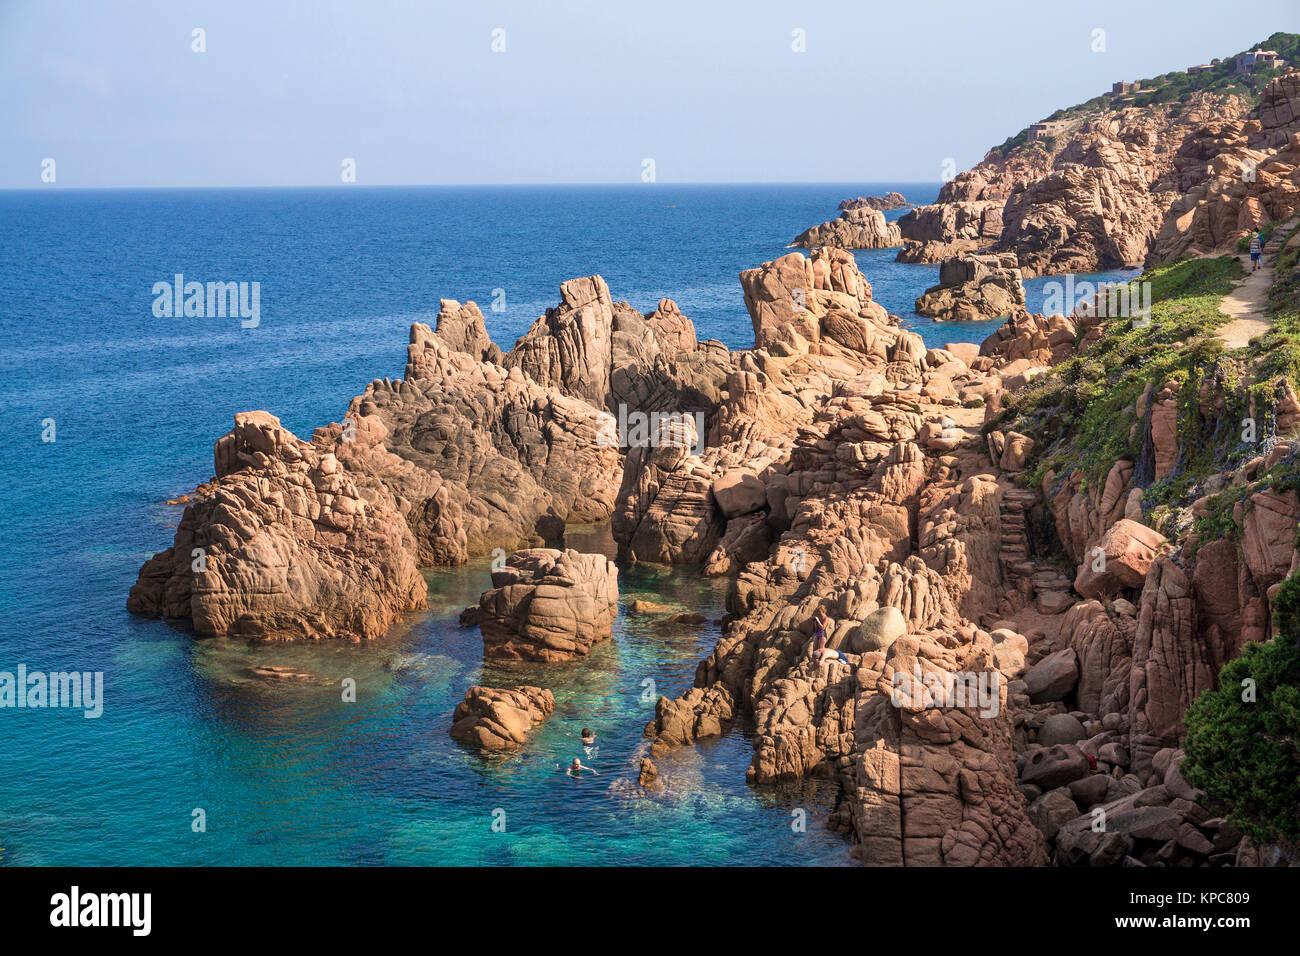 Spiaggia balneare presso la costa rocciosa di Costa Paradiso, rocce di porfido, Sardegna, Italia, mare Mediterraneo, Immagini Stock